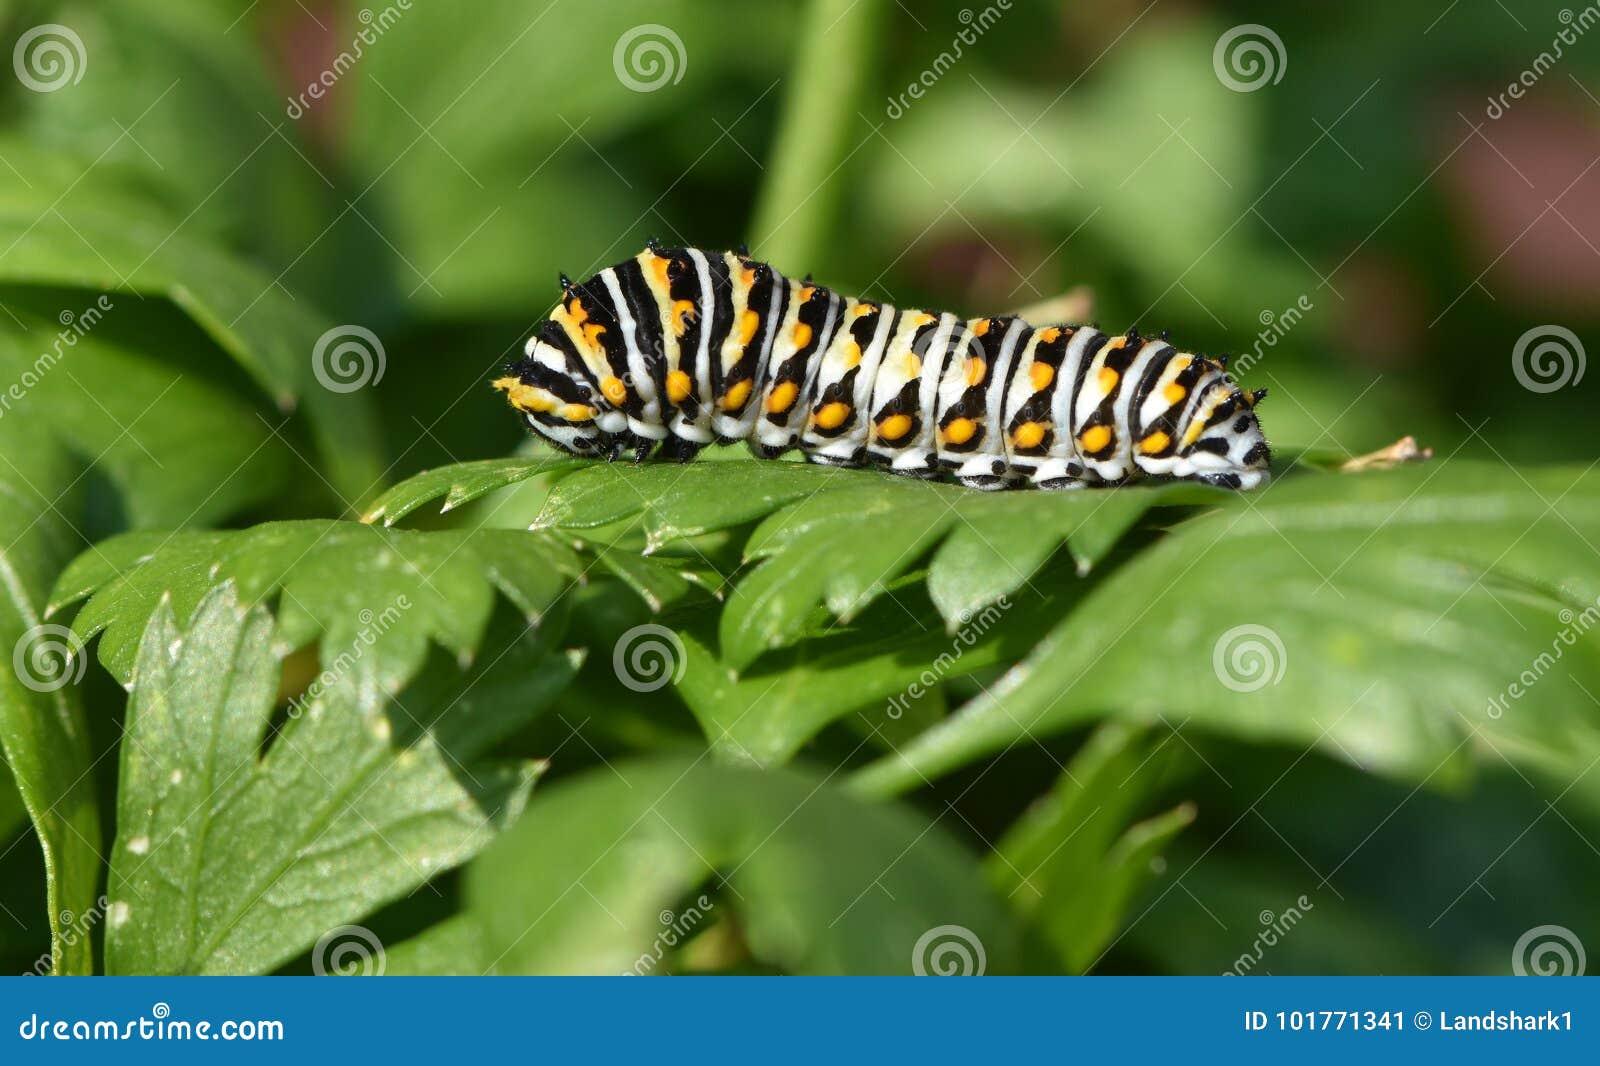 Czarny Swallowtail Caterpillar - Motylia larwa, także dzwoniąca pietruszki dżdżownica